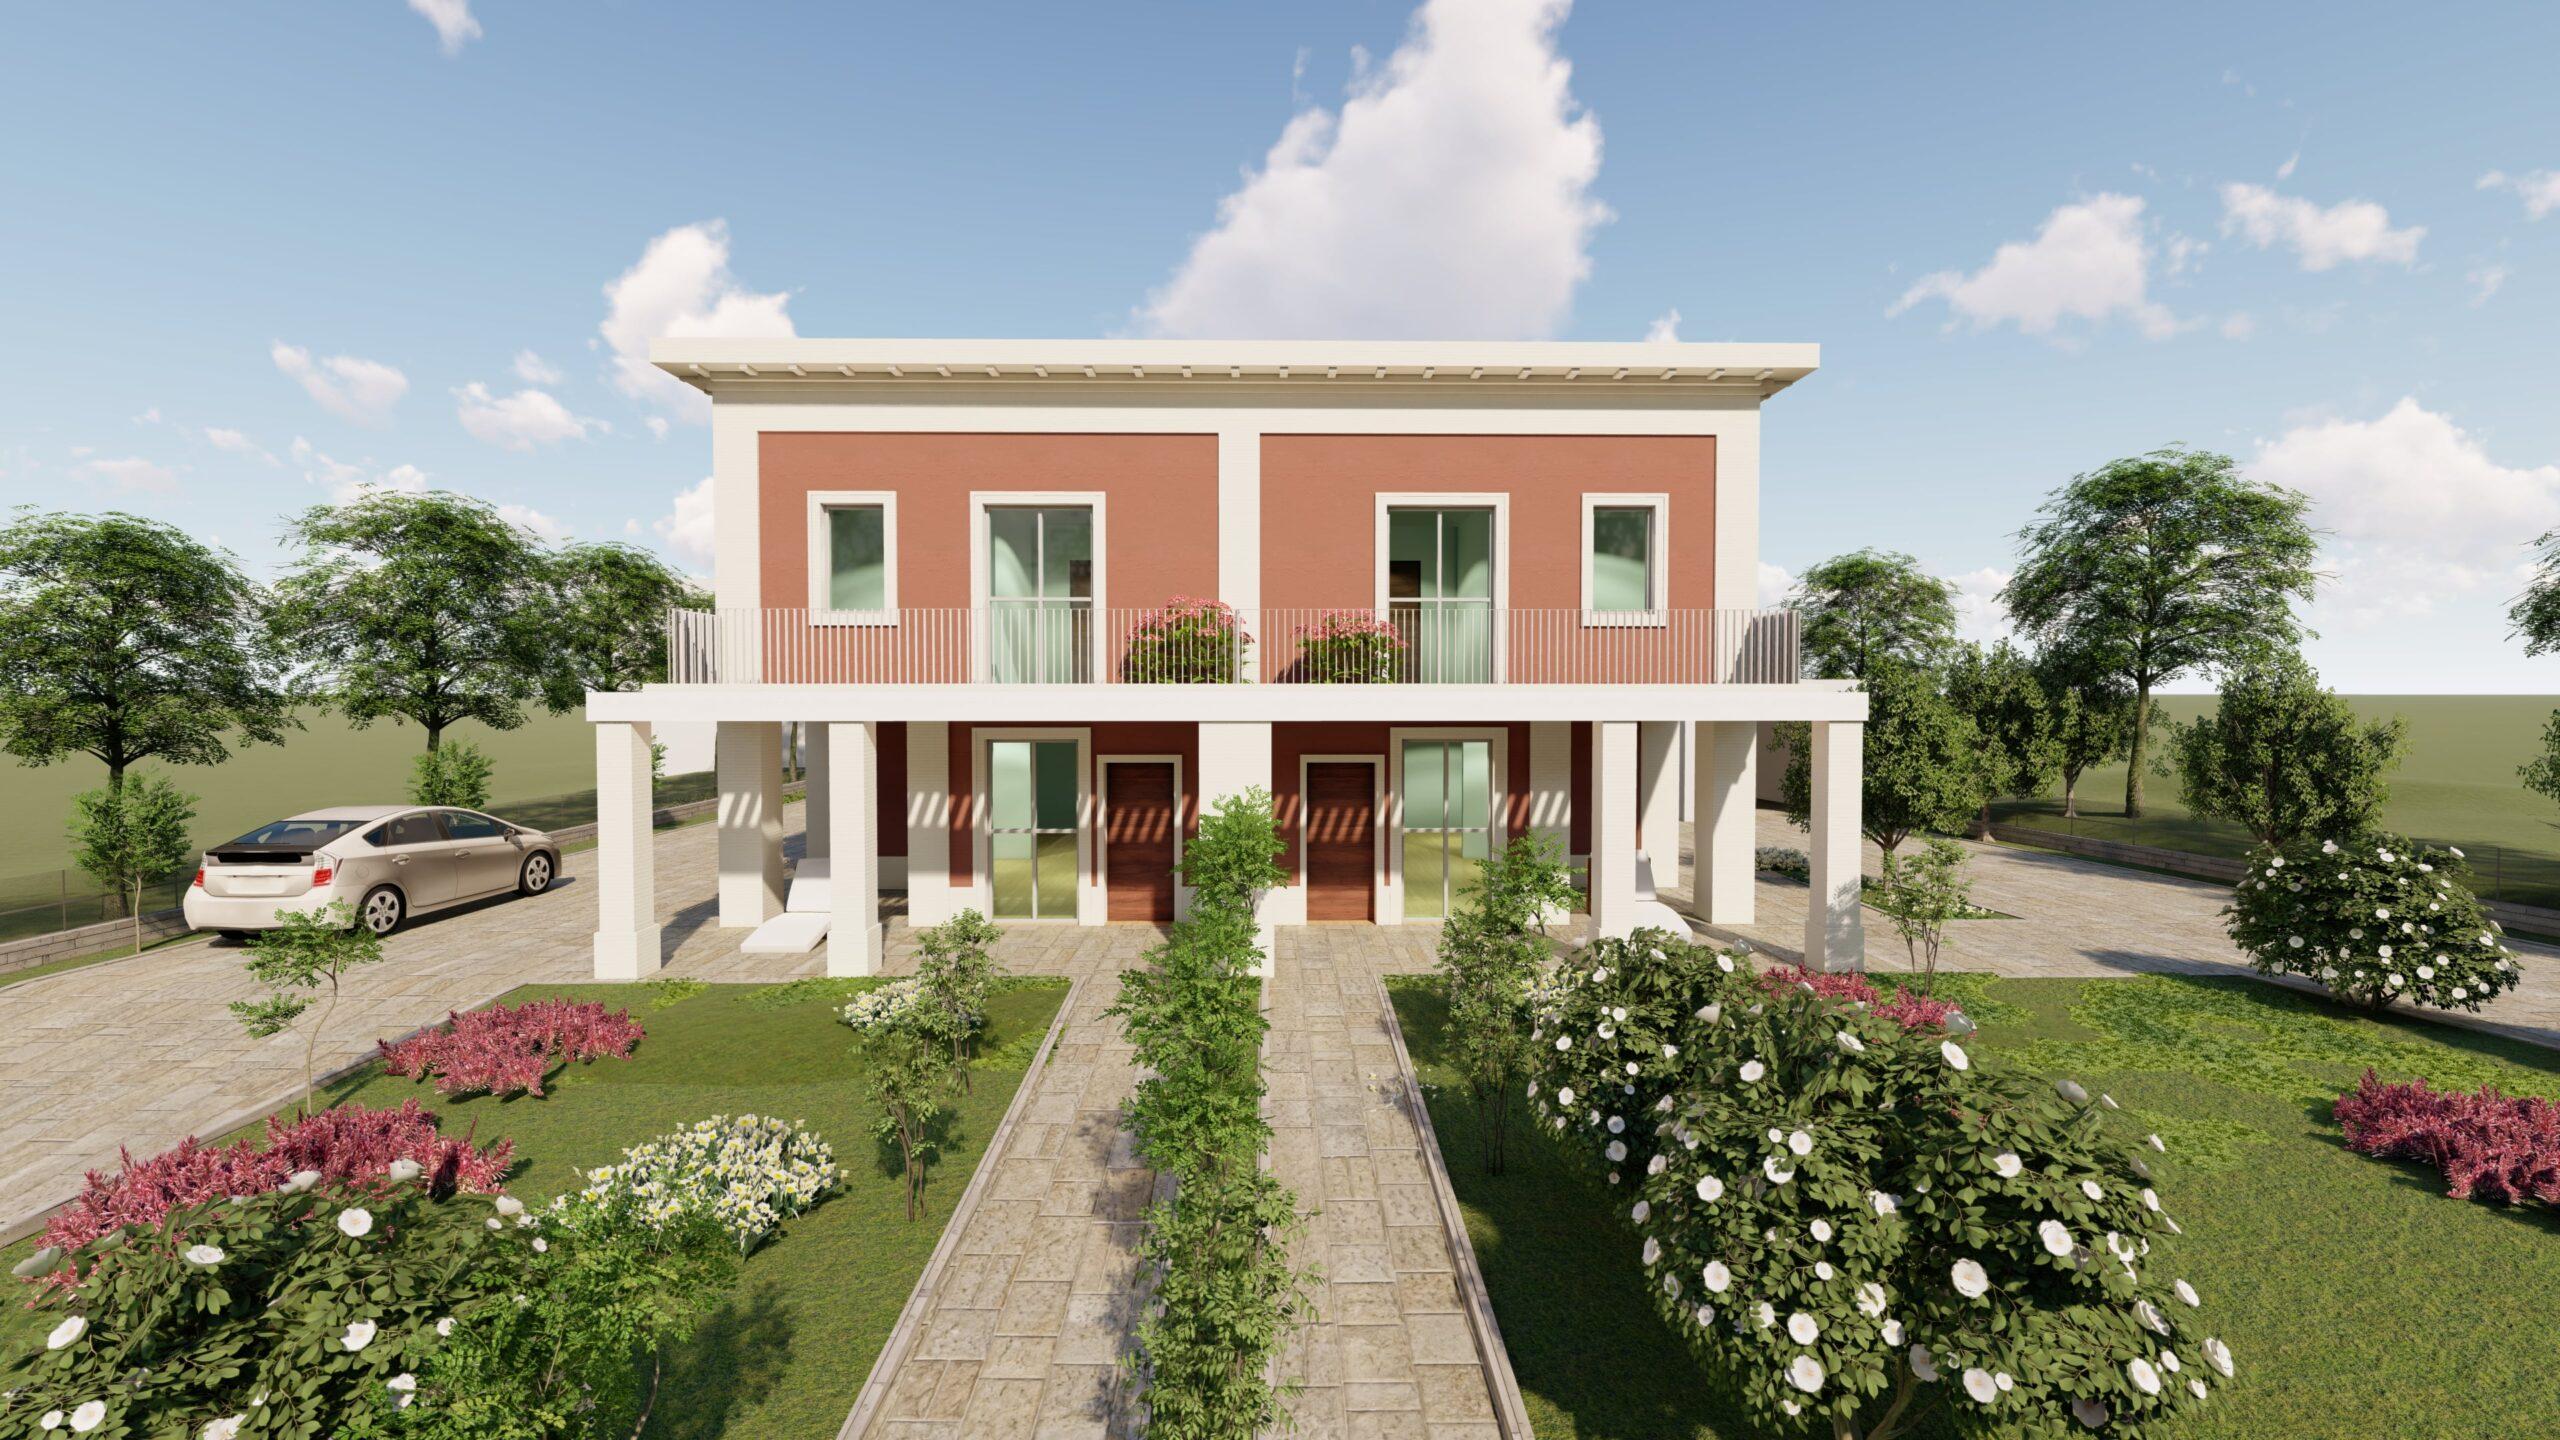 Mercurio Architettura Ingegneria-super bonus-ortona progetto